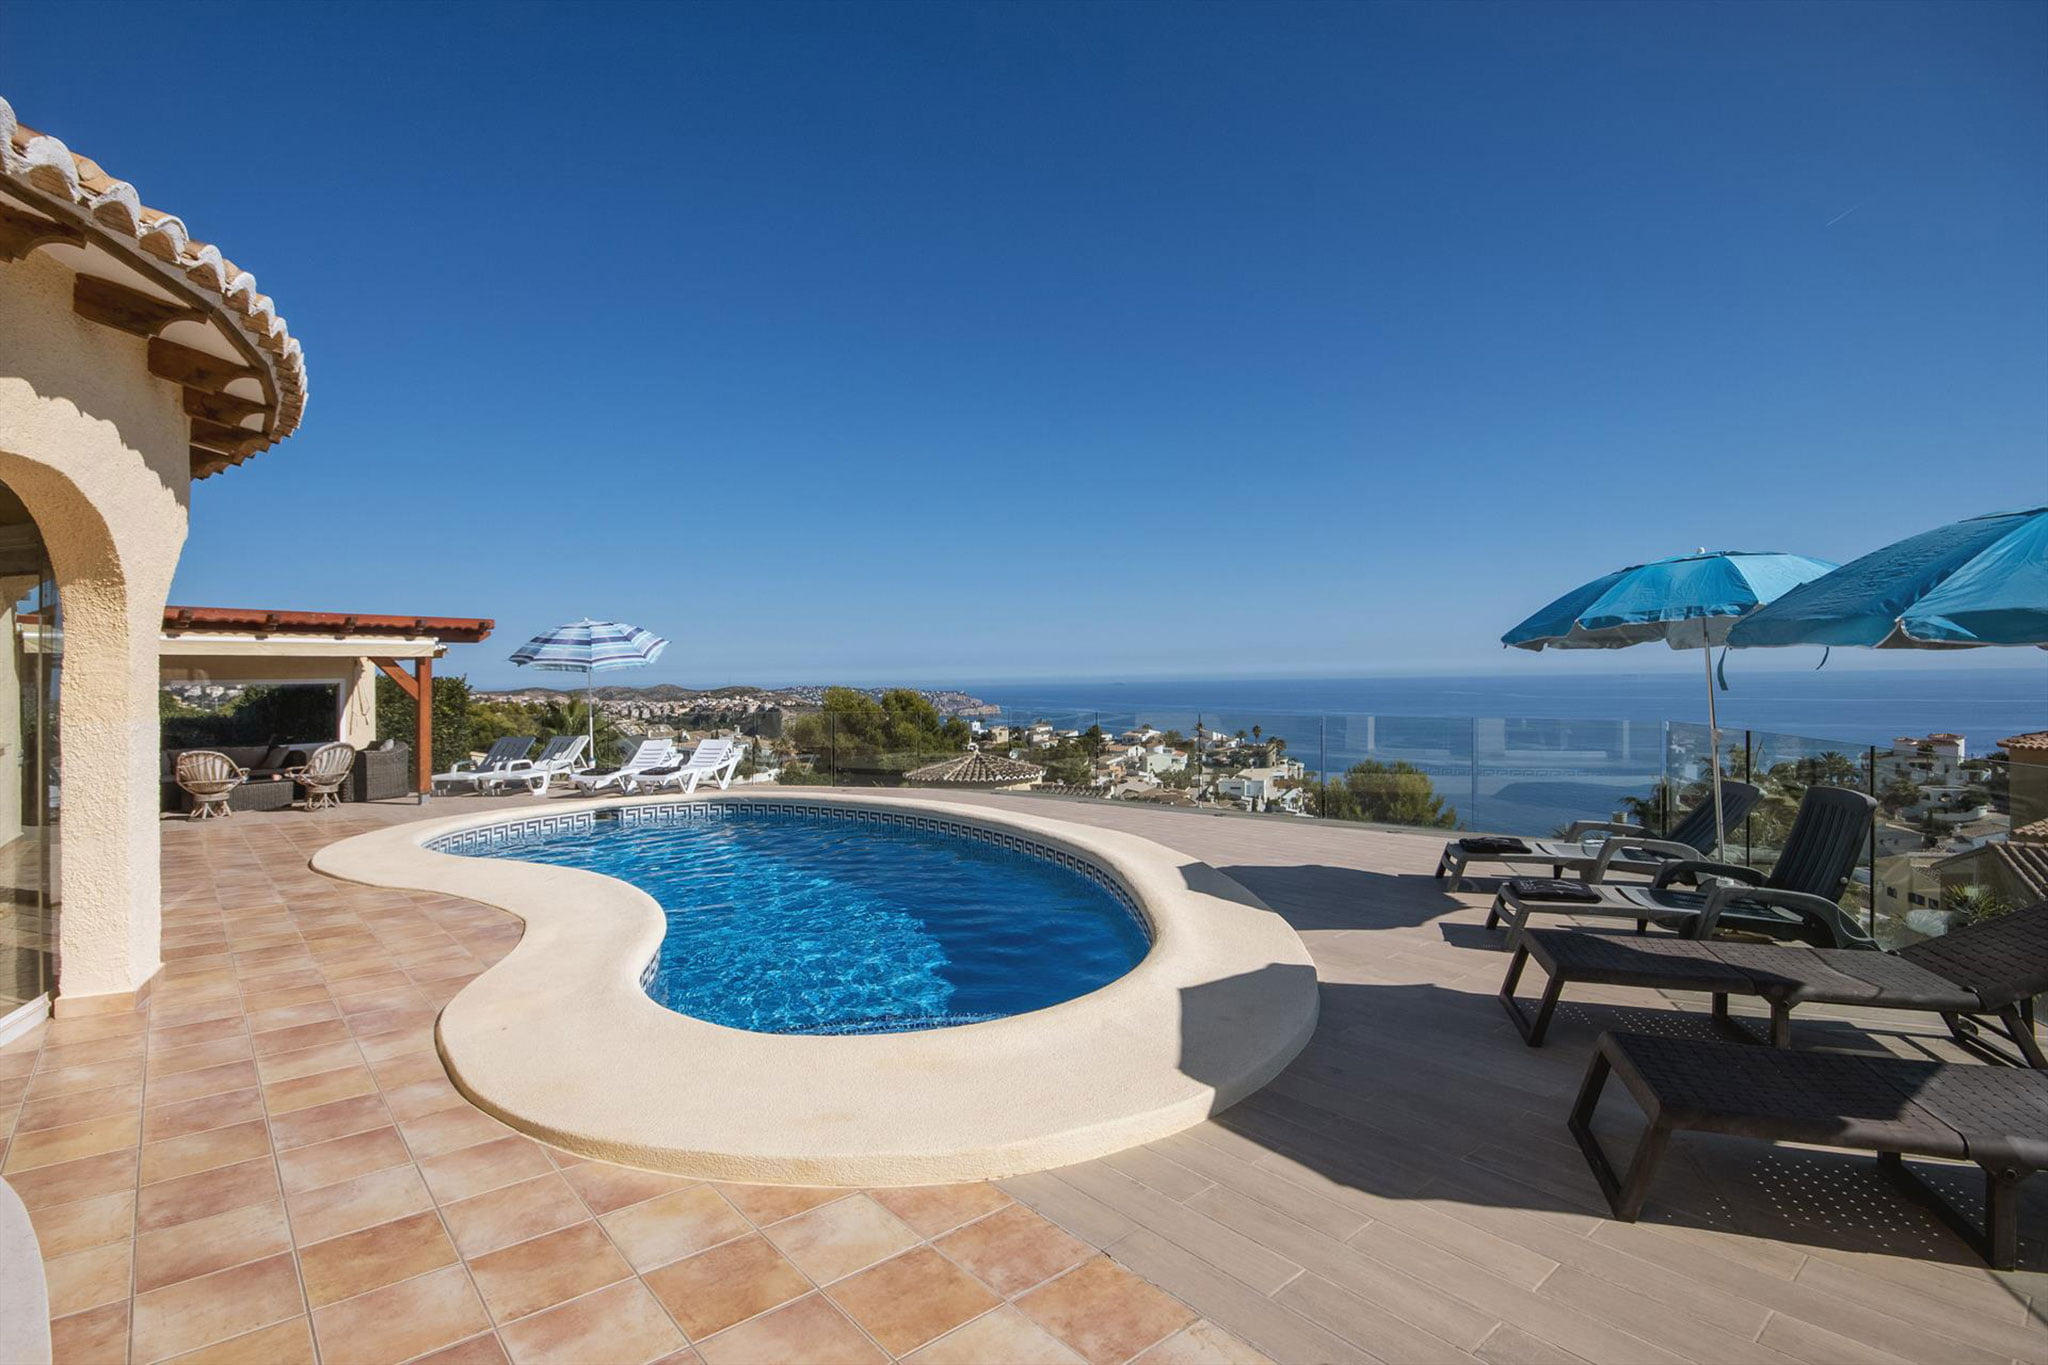 Piscina de una casa de alquiler de vacaciones en Benitachell – Aguila Rent a Villa